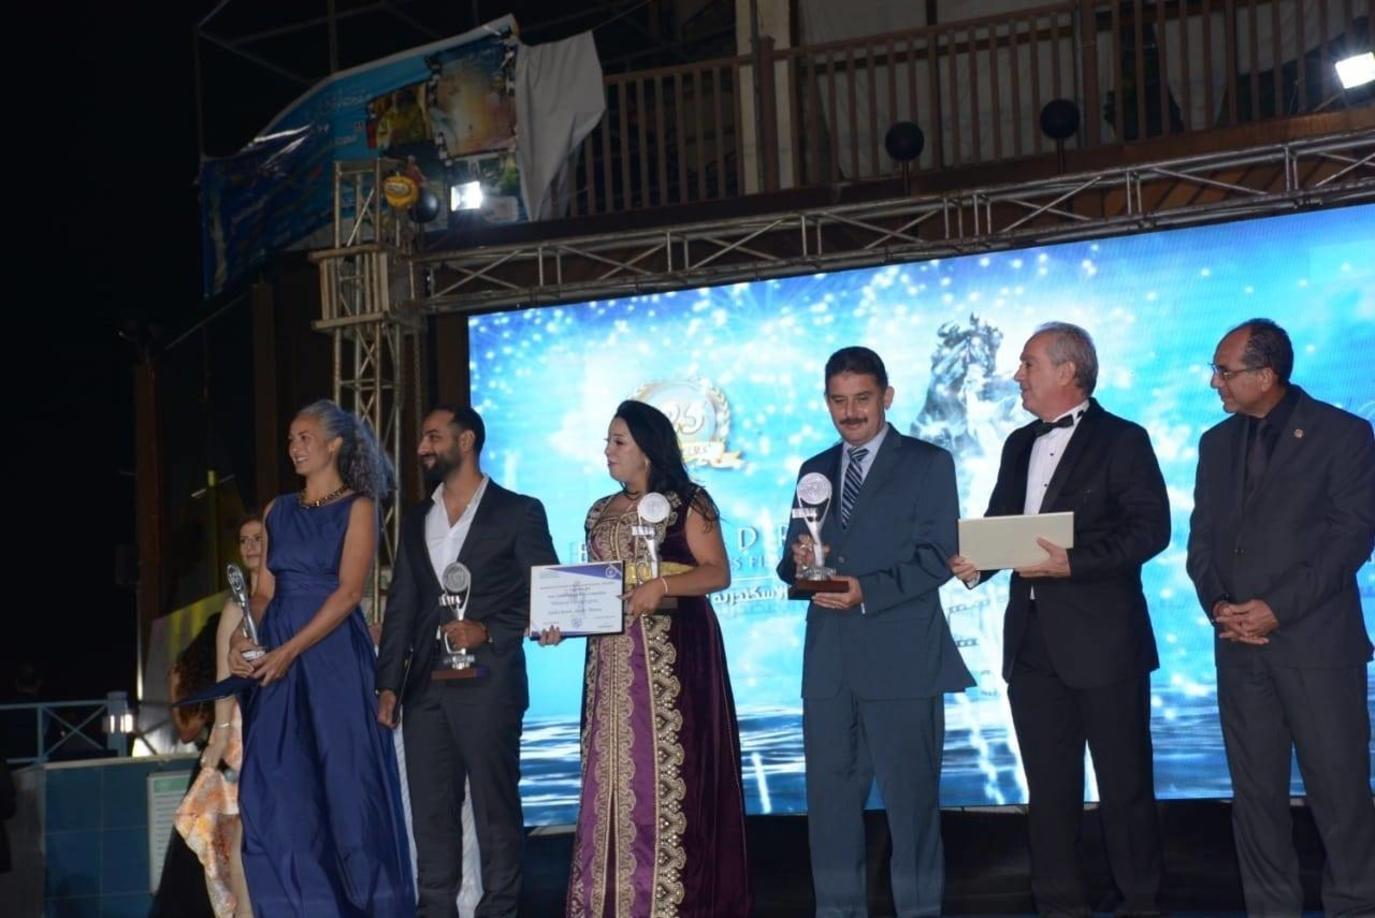 حفل ختام مهرجان الإسكندرية السينمائي الدولي - من فيس بوك المهرجان